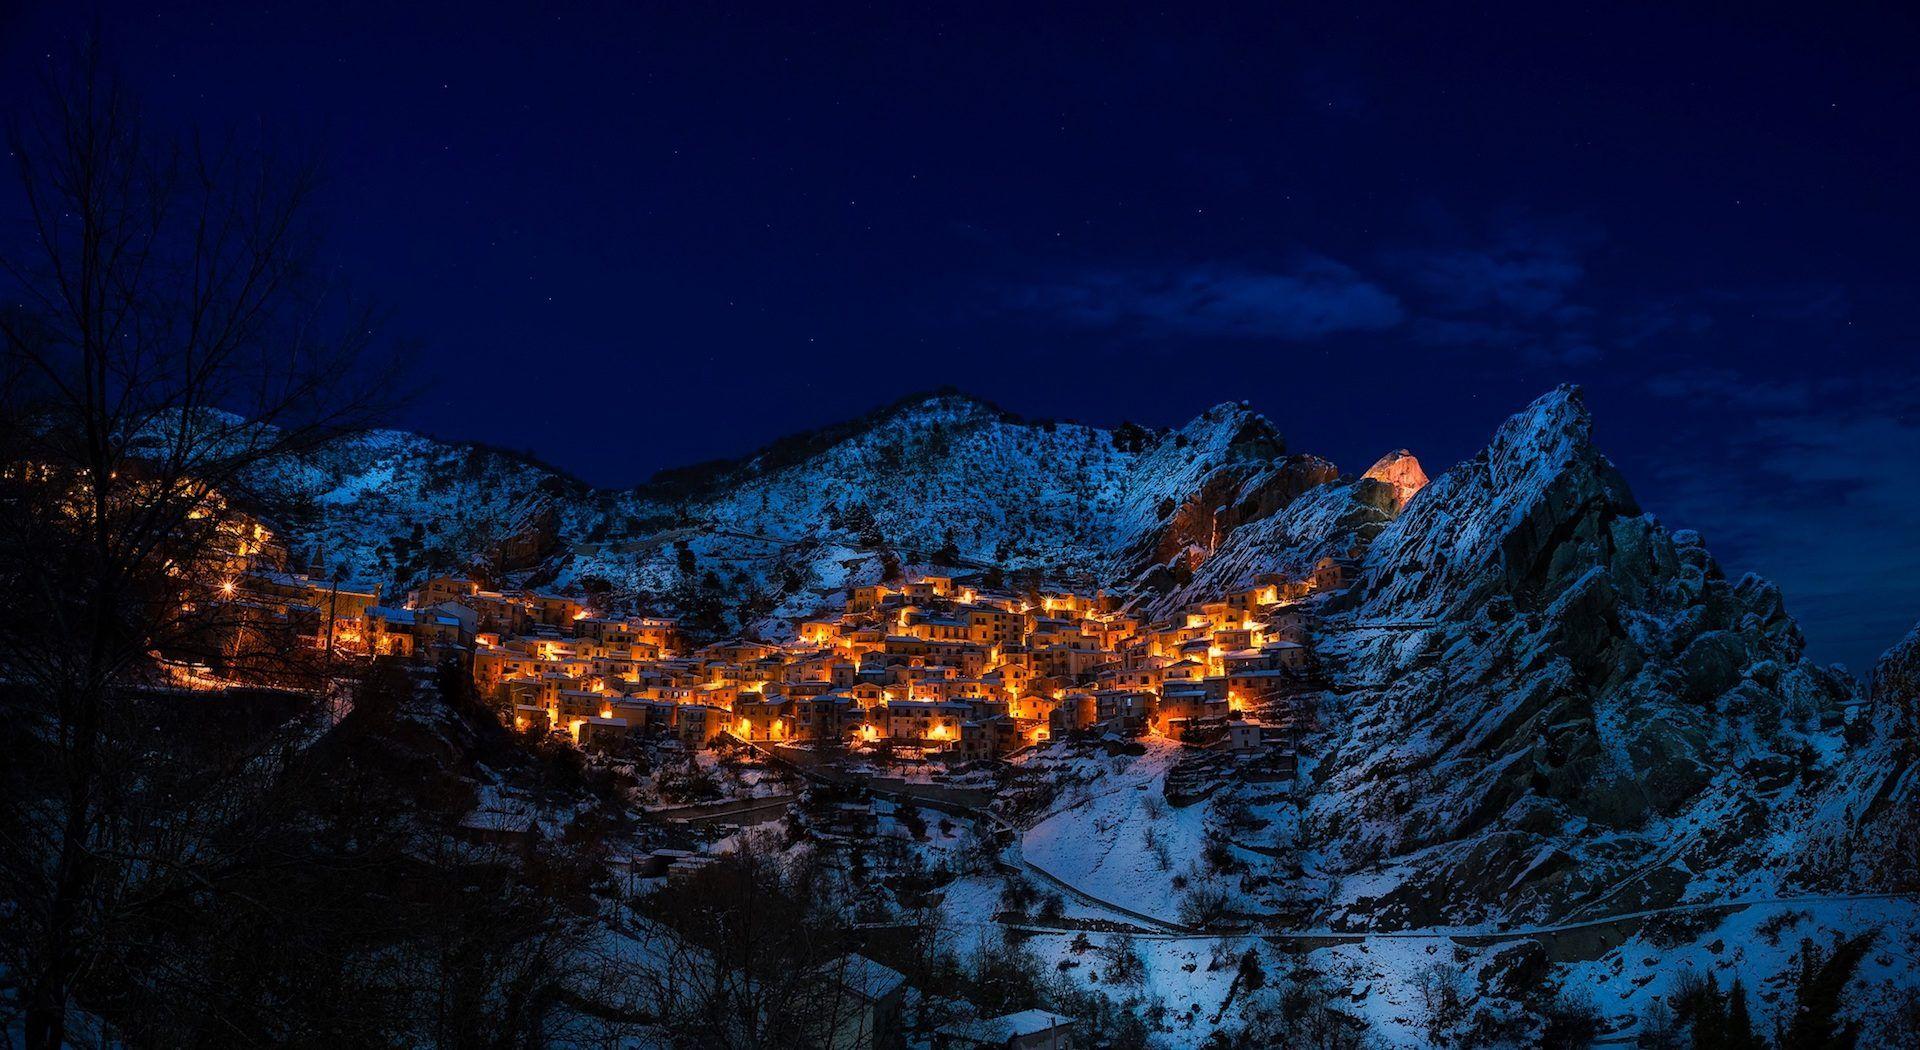 Fondo De Montañas Nevadas En Hd: Pueblo, Montañas, Noche, Luces, Nieve, Nevado